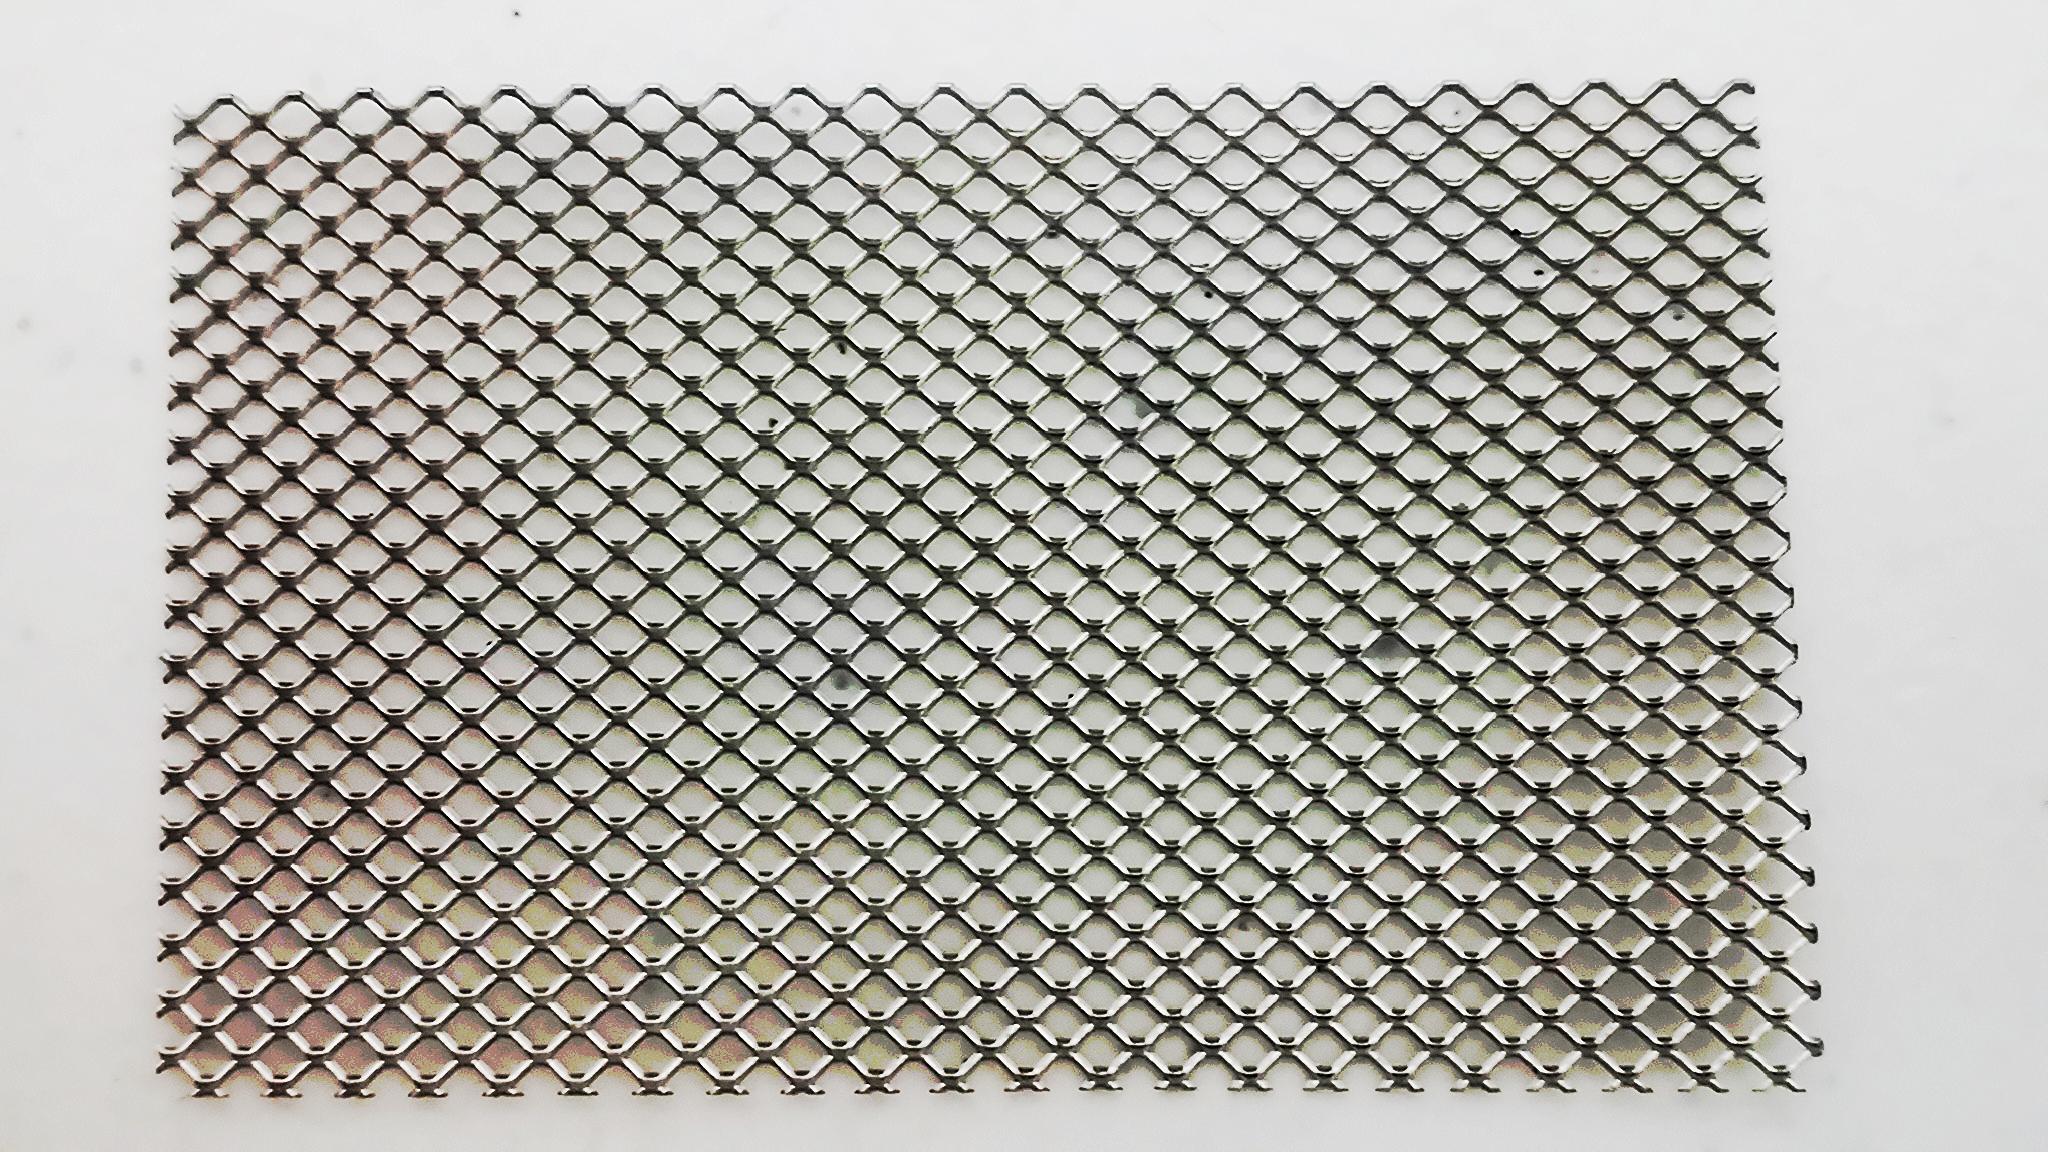 Malla mosquitero acero inoxidable aceros continental for Brochetas de acero inoxidable